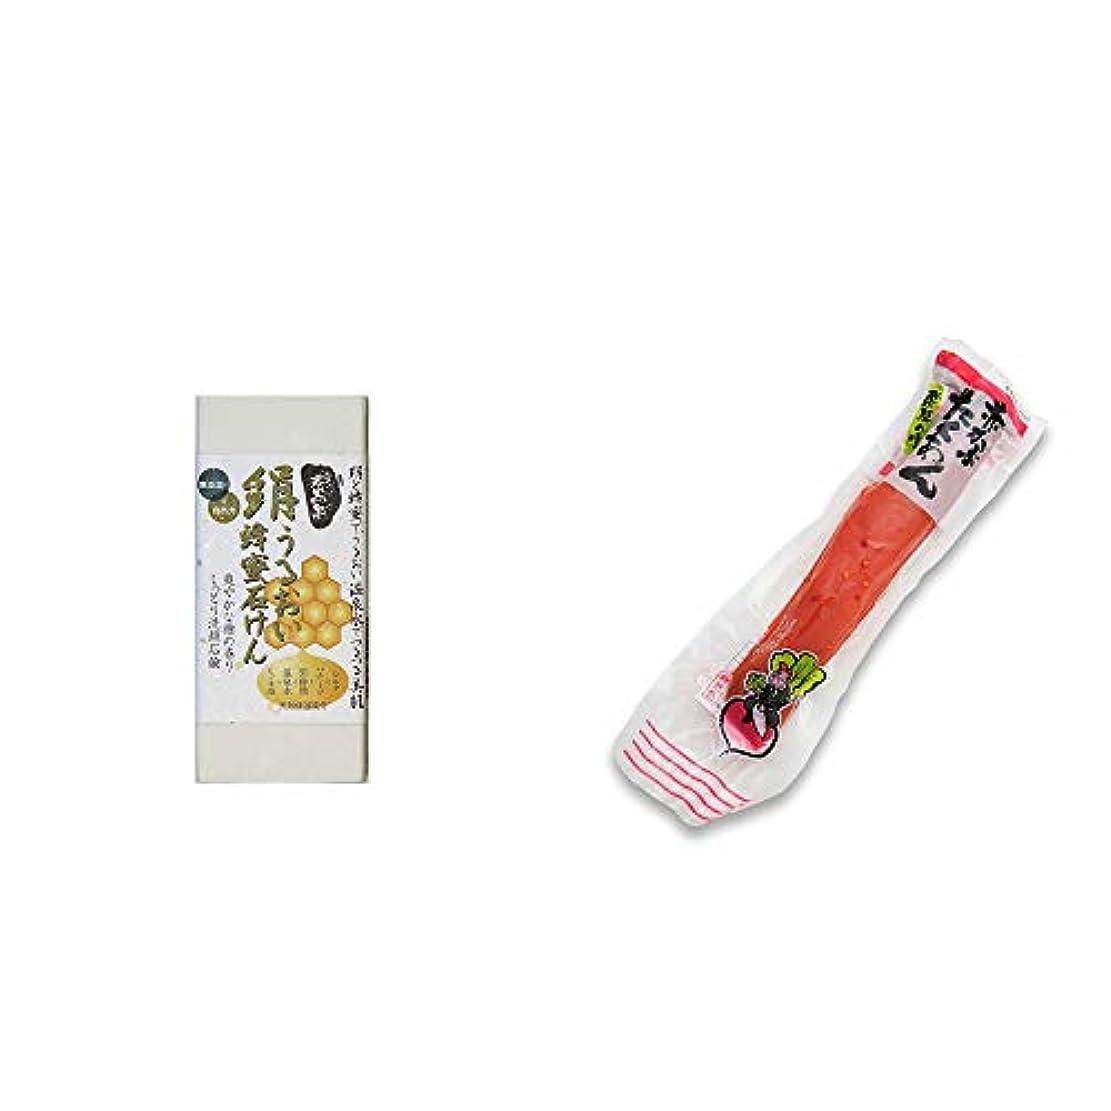 伝導率コロニー外科医[2点セット] ひのき炭黒泉 絹うるおい蜂蜜石けん(75g×2)?赤かぶたくあん(220g)